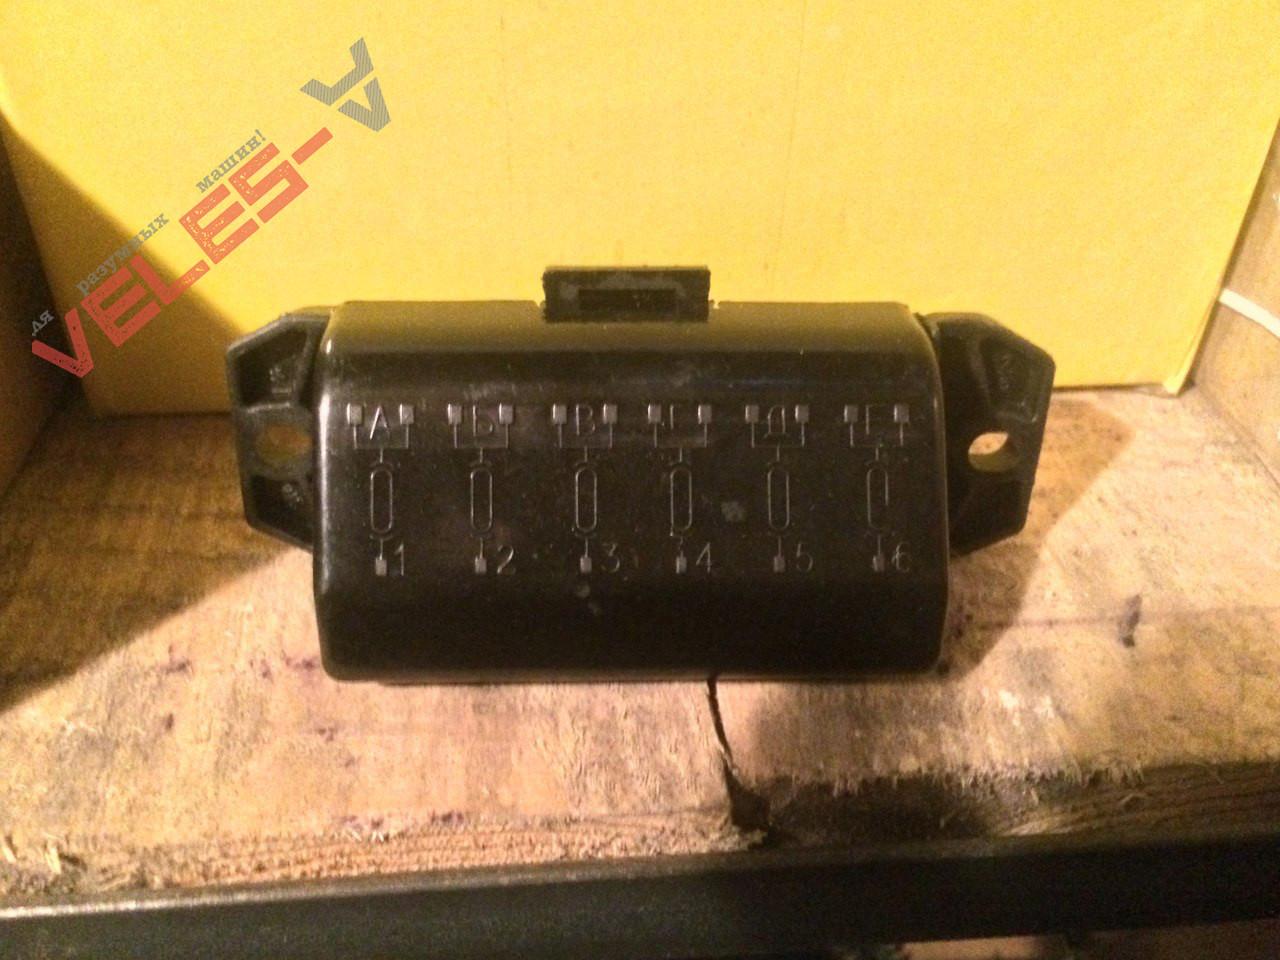 Блок предохранителей ВАЗ 2101, 2102, 2103, 2106 малый старого образца (9 предохранителей)